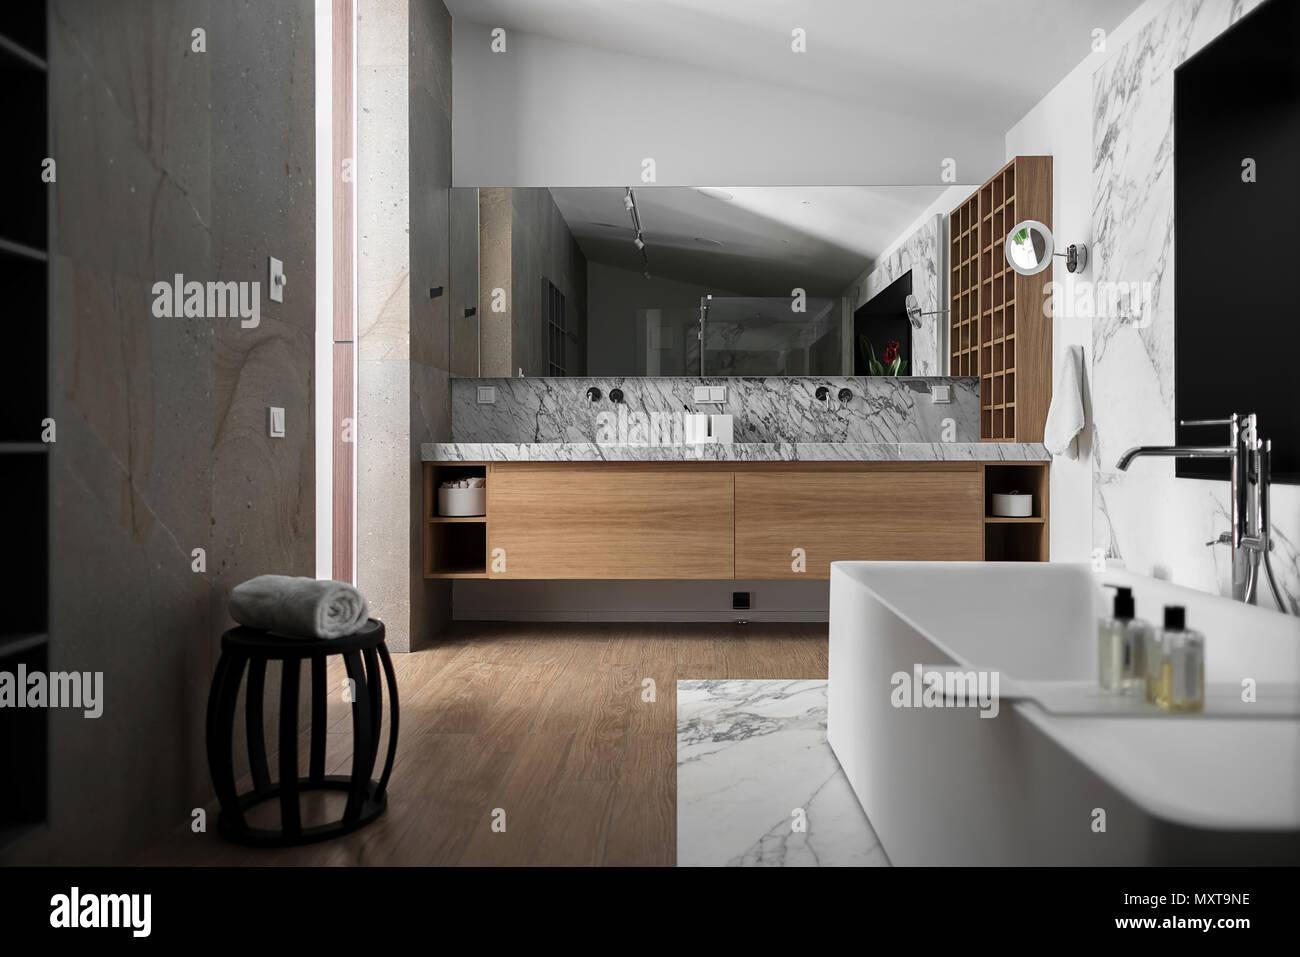 Bagno in stile moderno con pareti chiare Vi  una zona piastrellata con un bagno bianco con